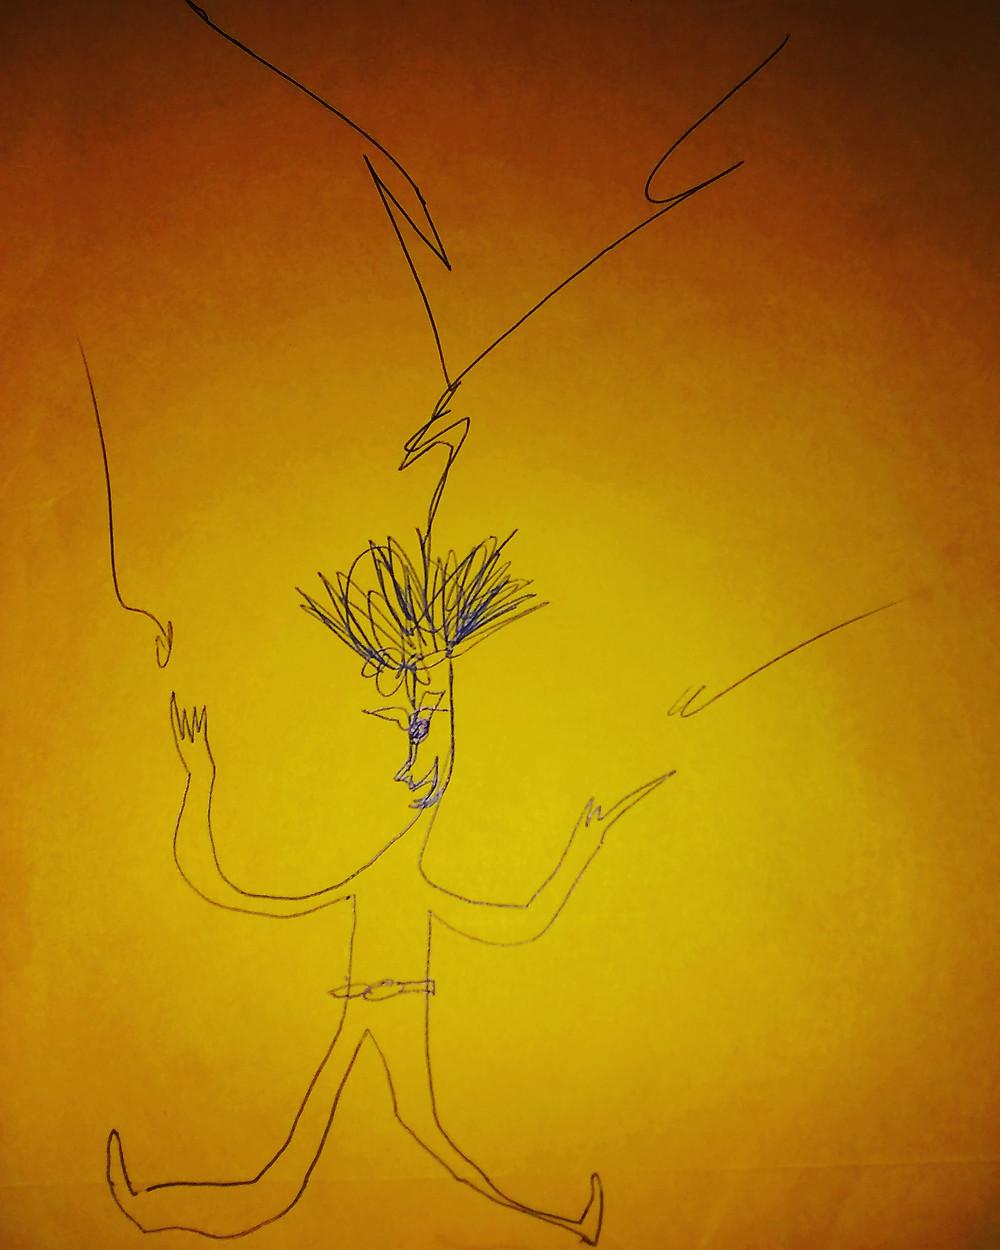 Illustration: Dramaturg as lightning rod